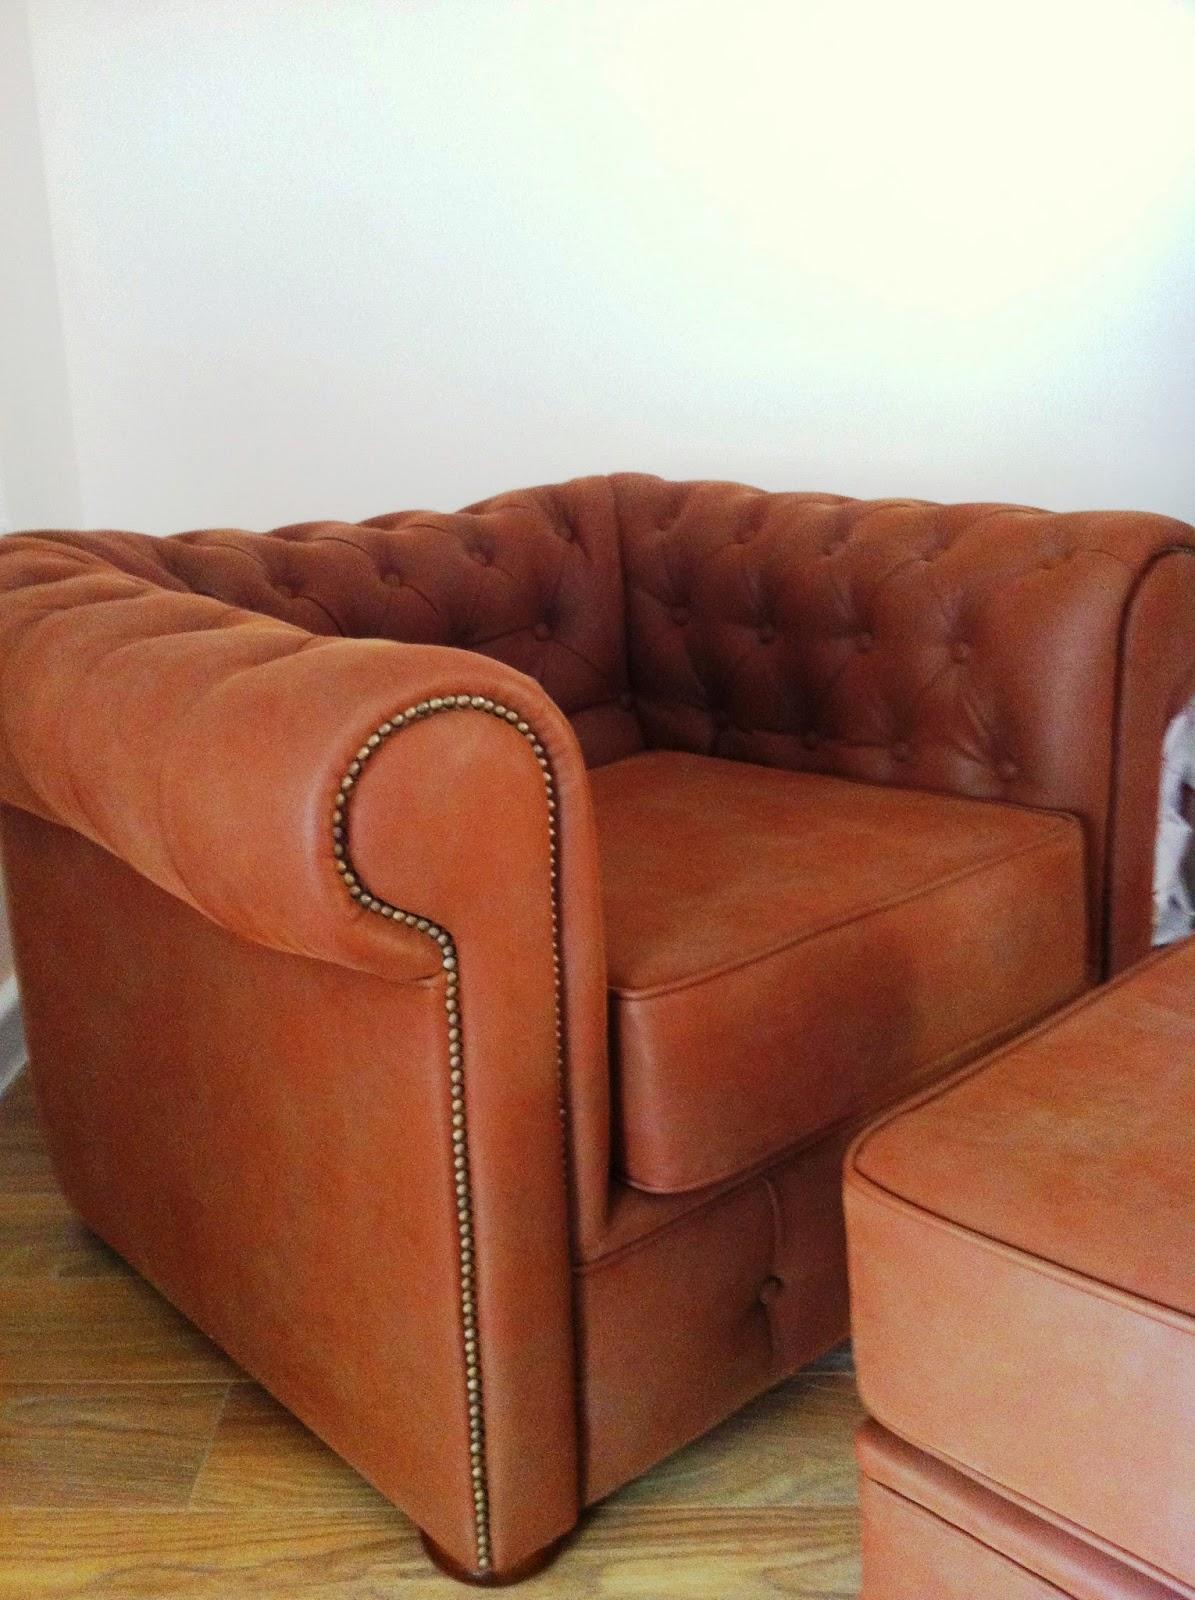 Tatiana doria rastrillo de muebles precios for Precios de muebles